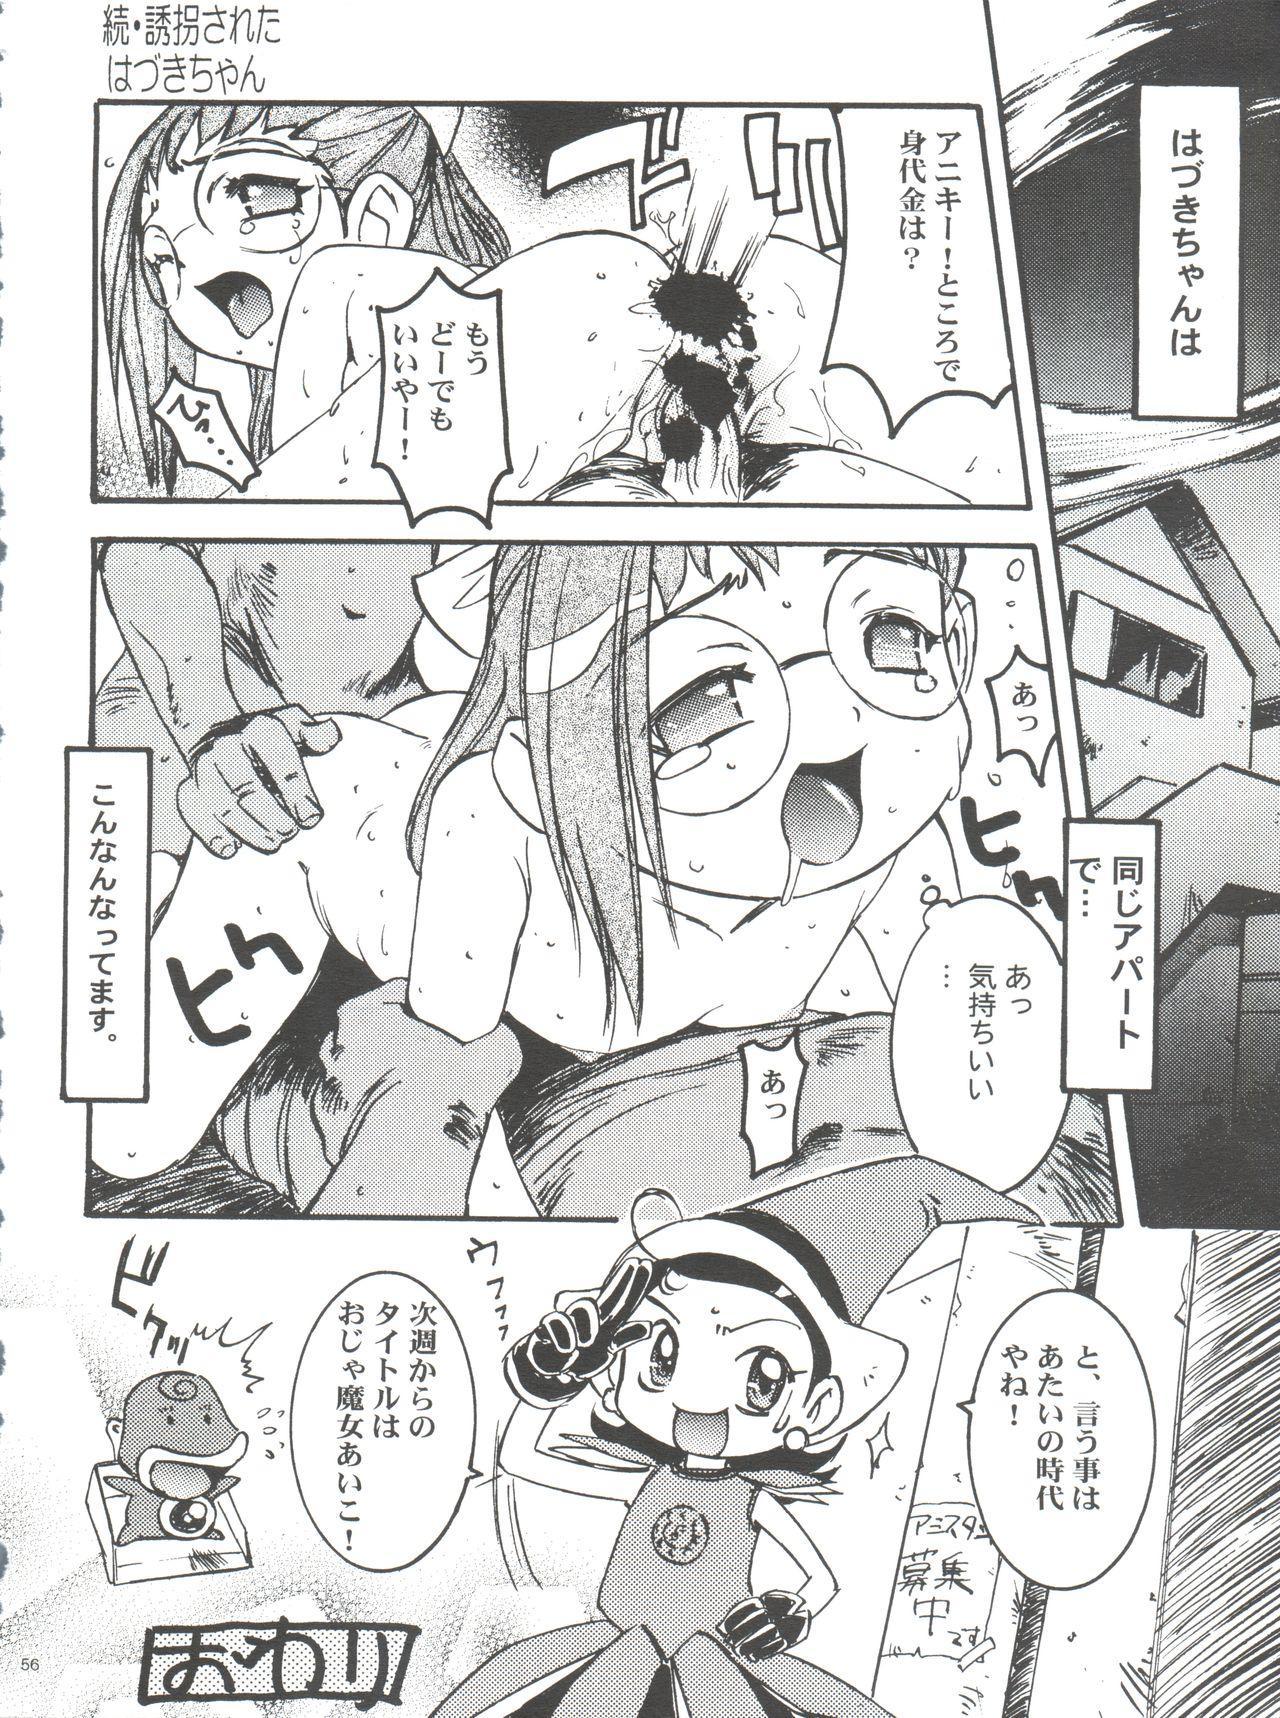 Wanpaku Anime Daihyakka Nanno Koto Jisensyuu Vol. 1 57